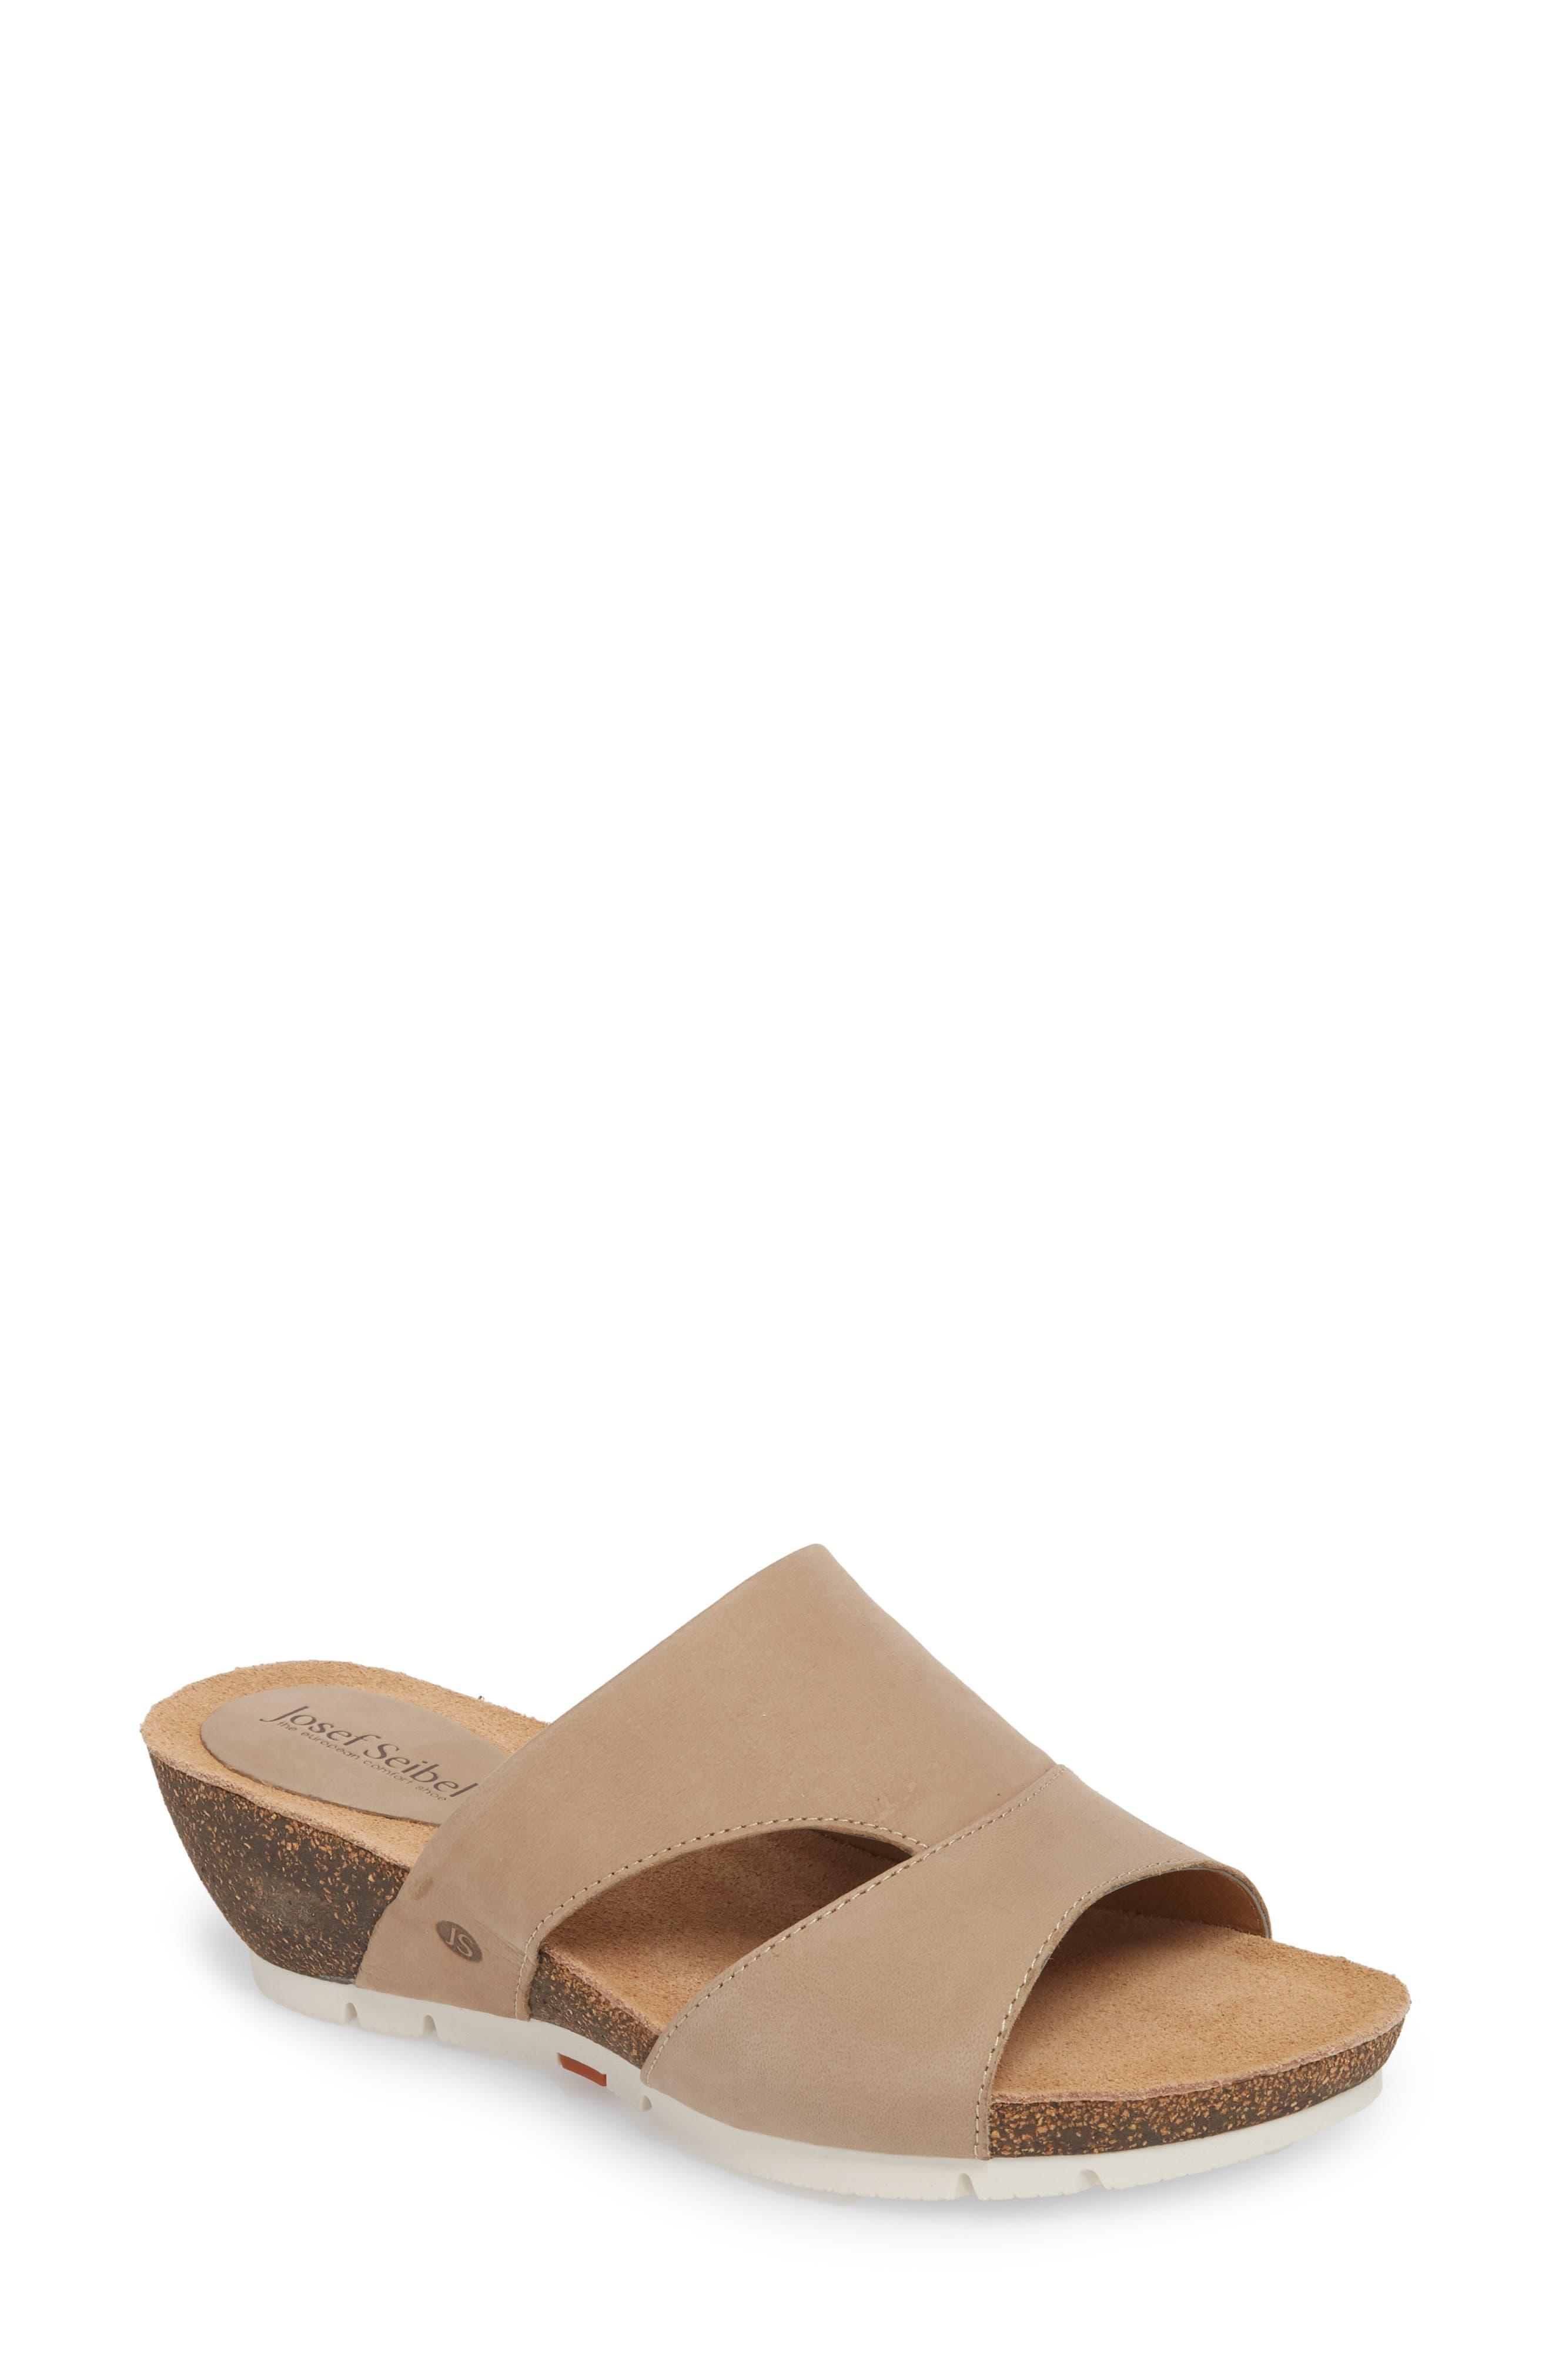 Hailey 40 Slide Sandal,                             Main thumbnail 1, color,